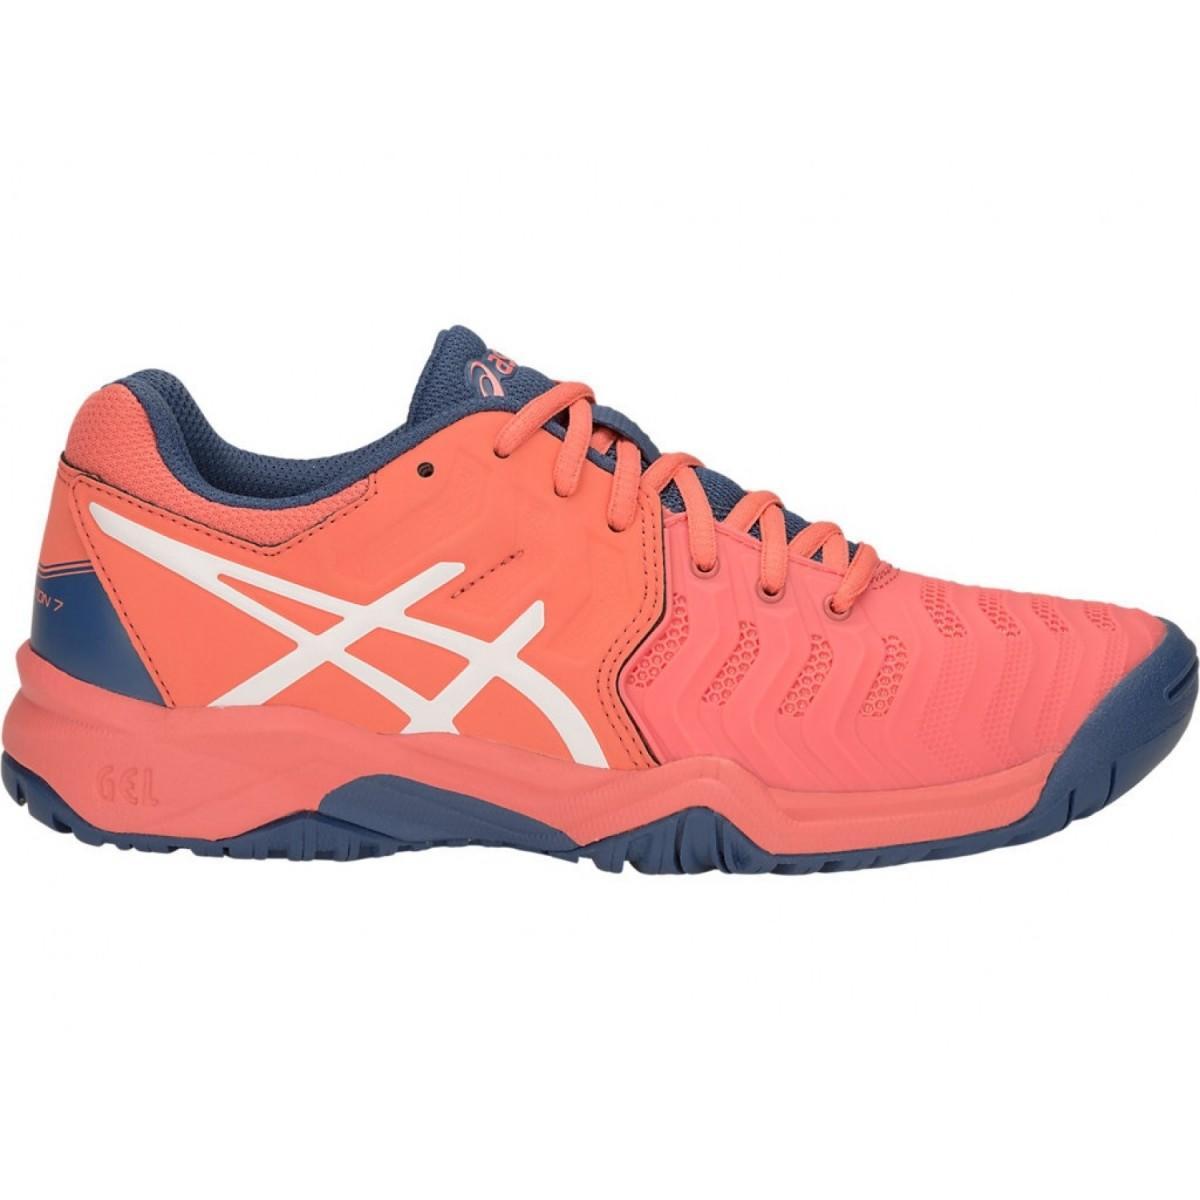 Детские теннисные кроссовки Asics Gel-Resolution 7 GS papaya/white